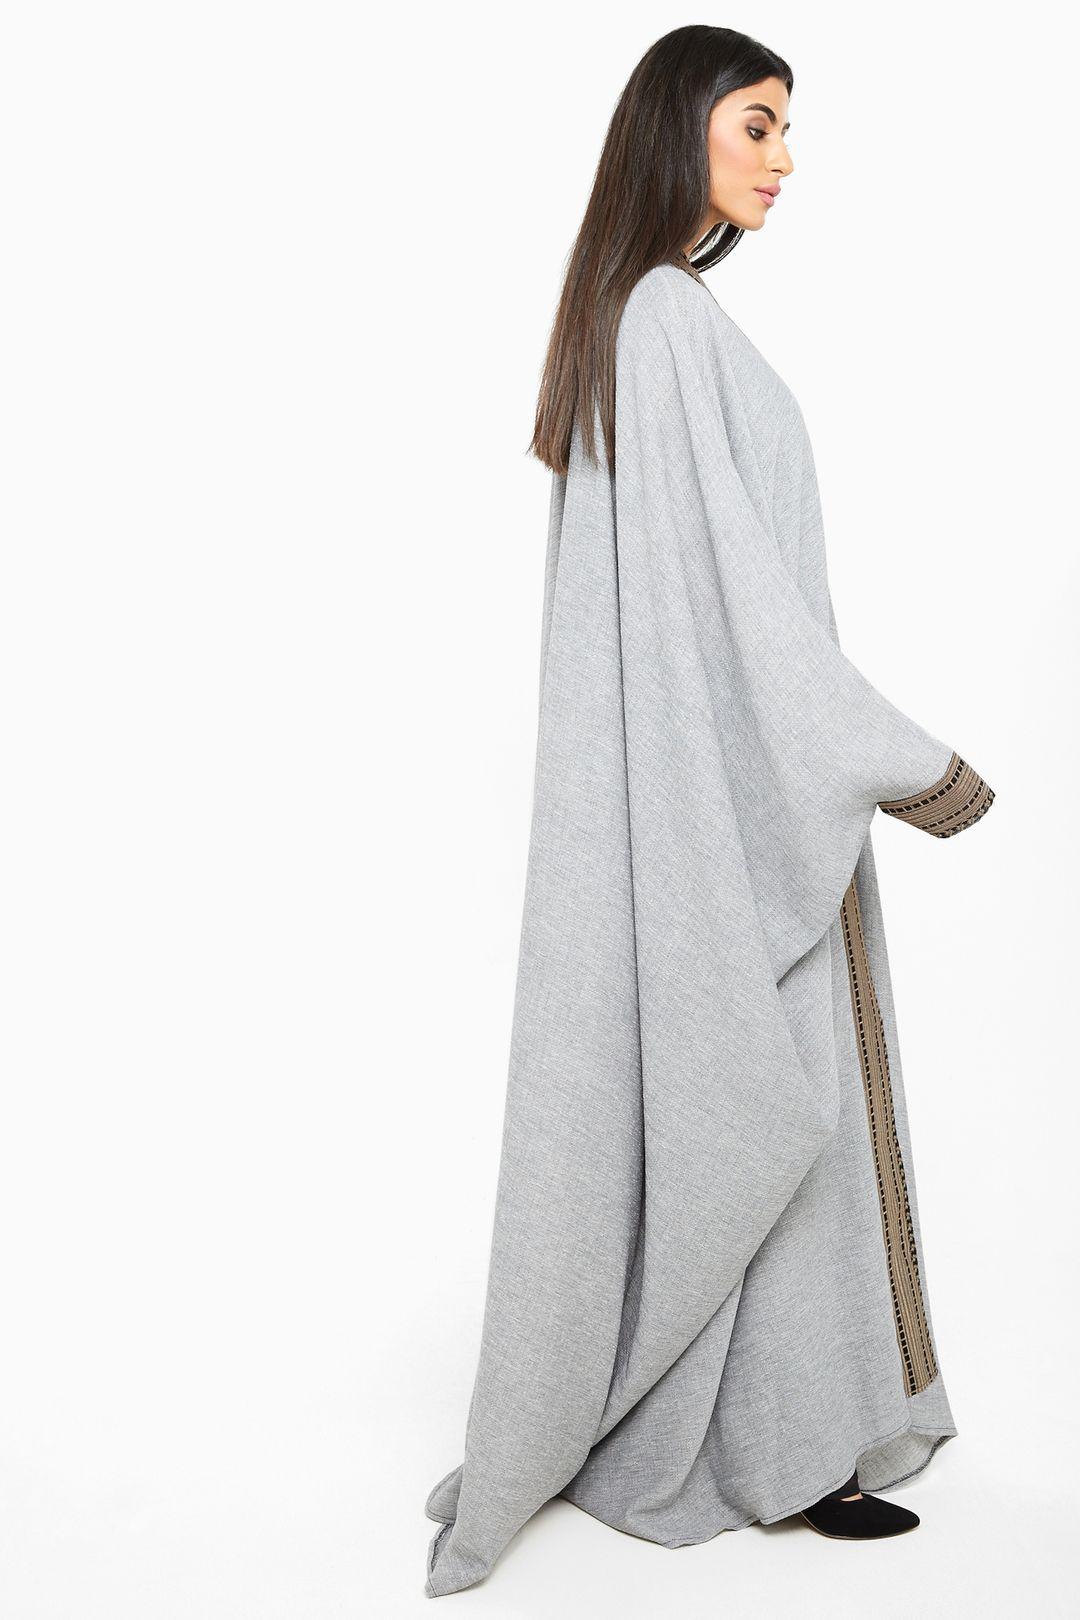 تسوق اون لاين عباية كلاسيكية باللون الرمادي الفاتح نخبه سيدتي مول Style Fashion Sleeve Top